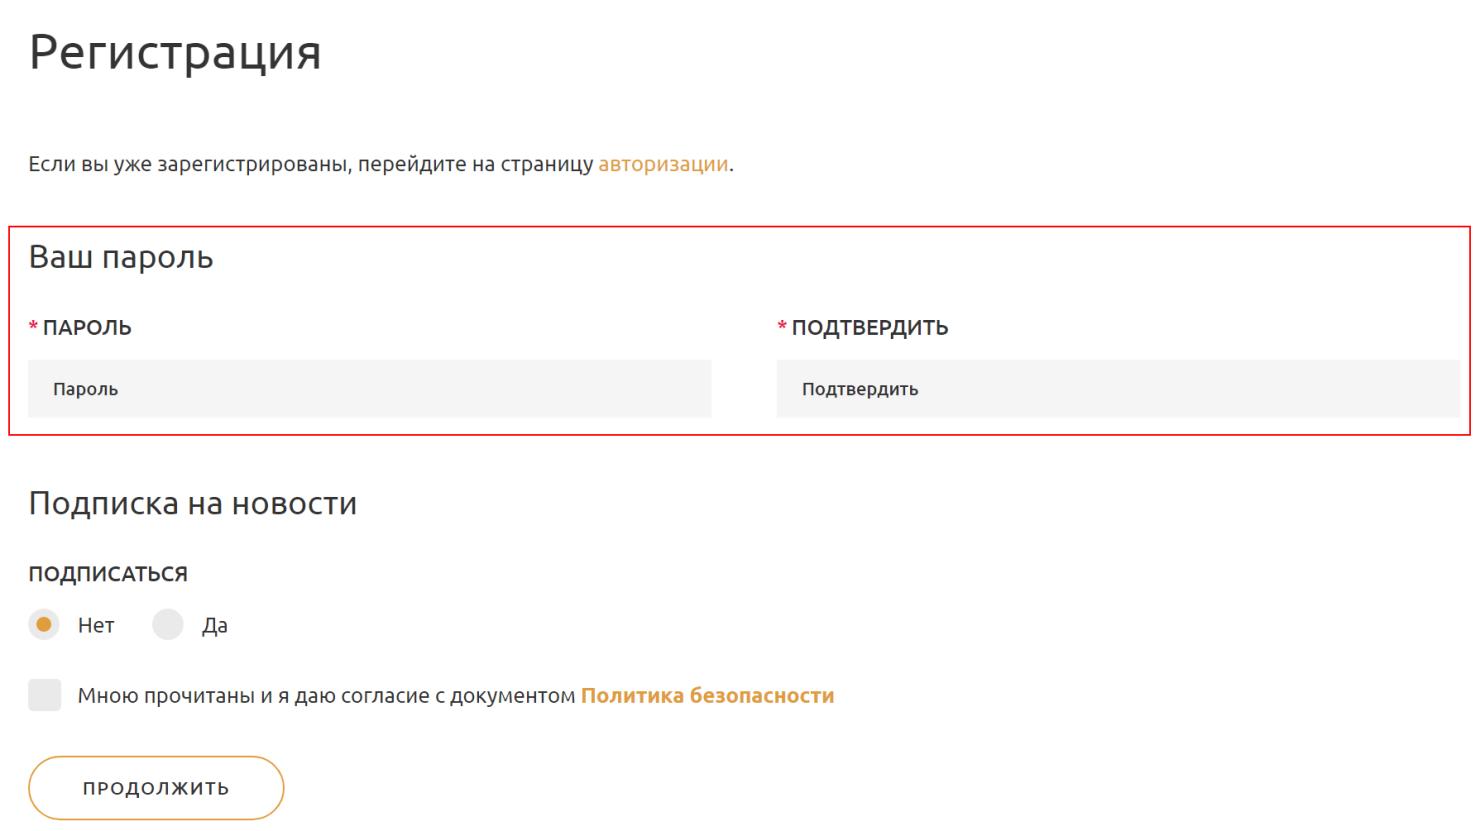 Не работает регистрация новых пользователей